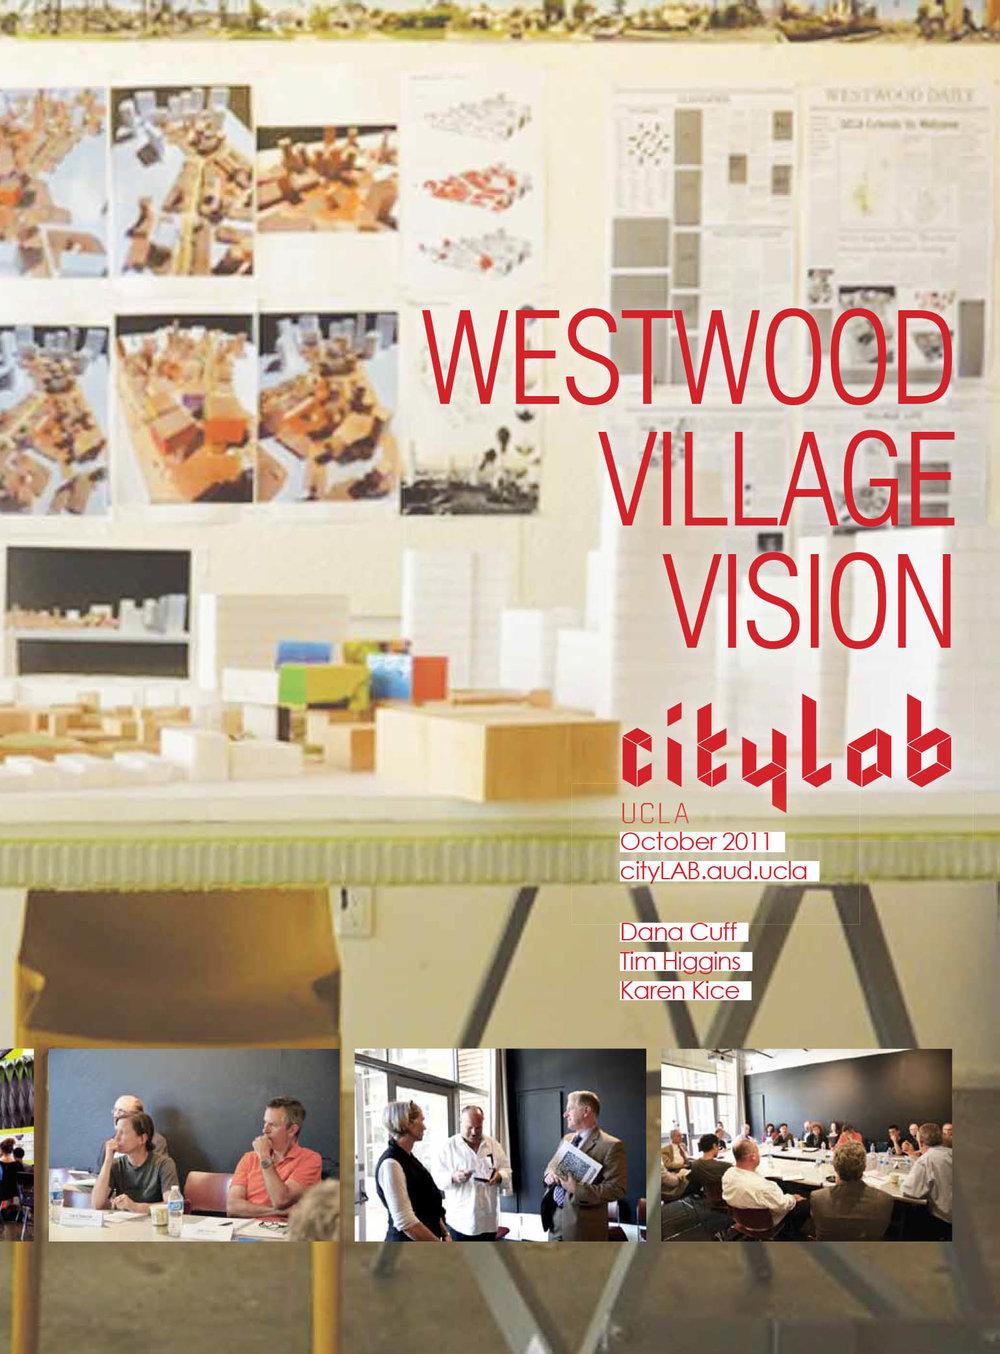 Westwood Village Vision Digital Publication